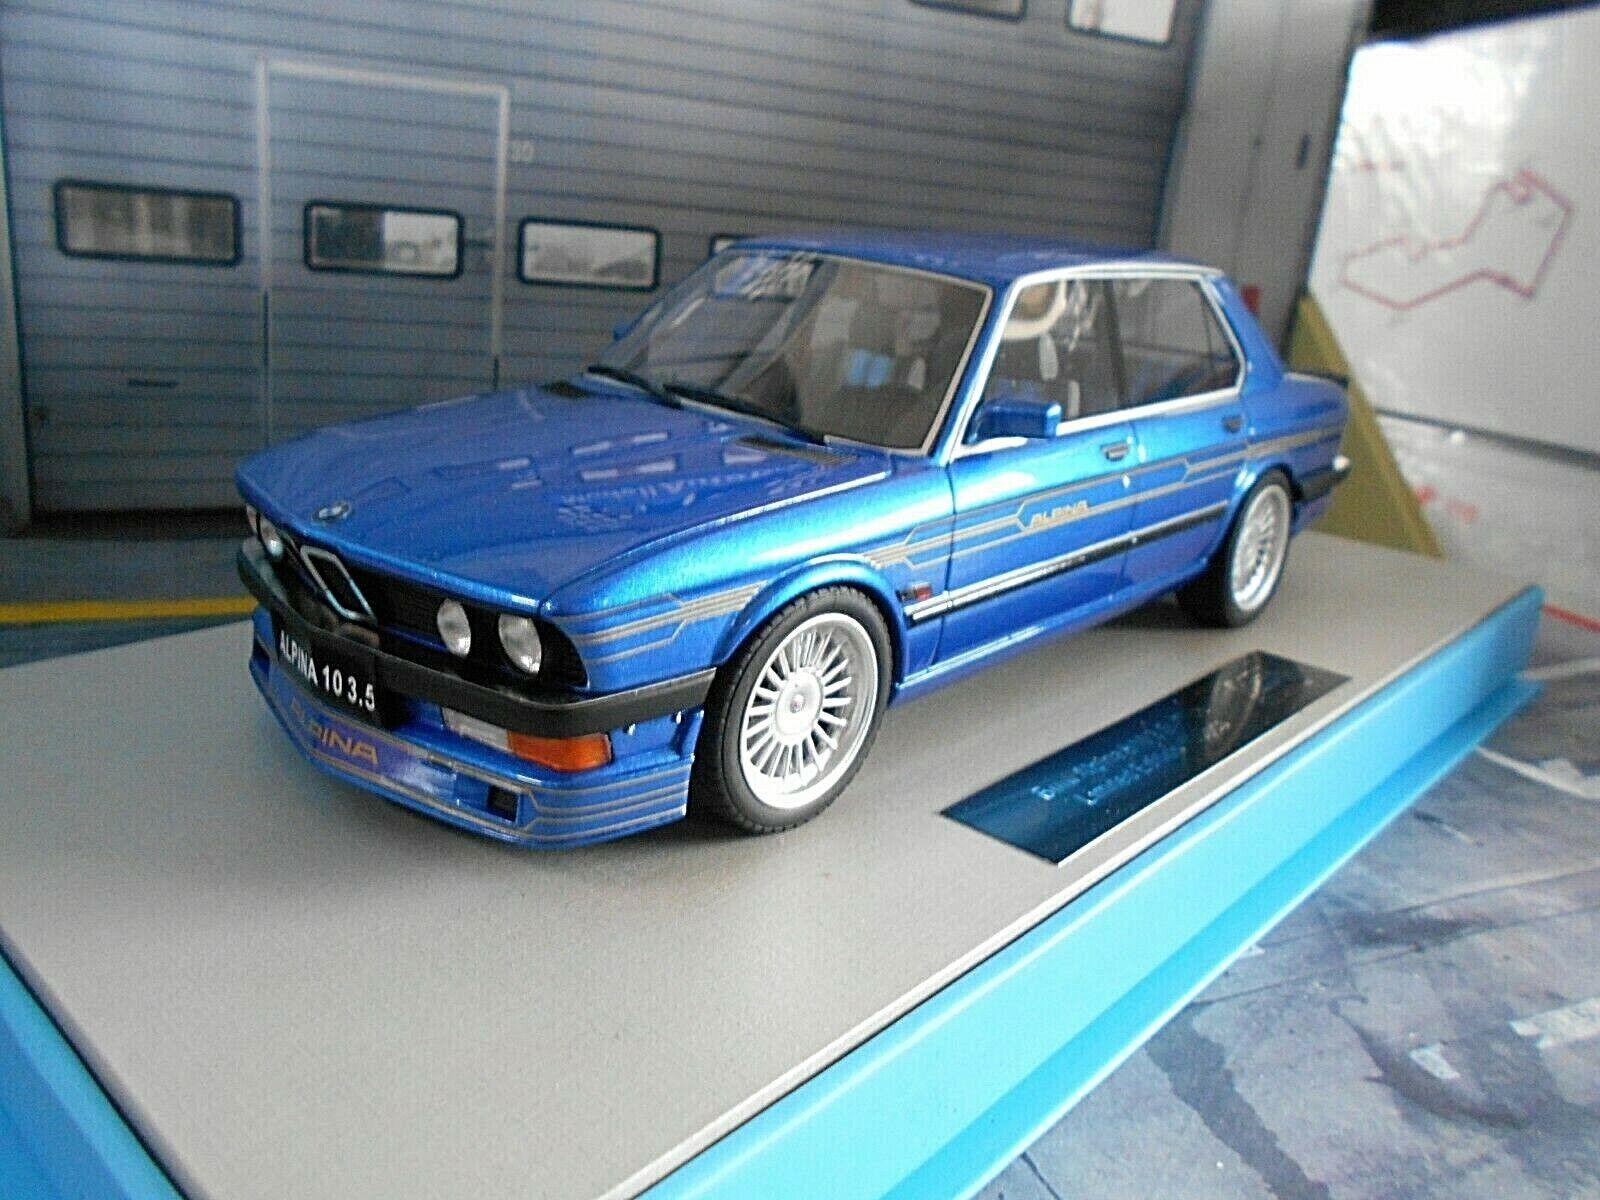 BMW serie 5er b10 3.5 BITURBO alpina 1989 BLU BL e24e28 LS Collectibles 1 18